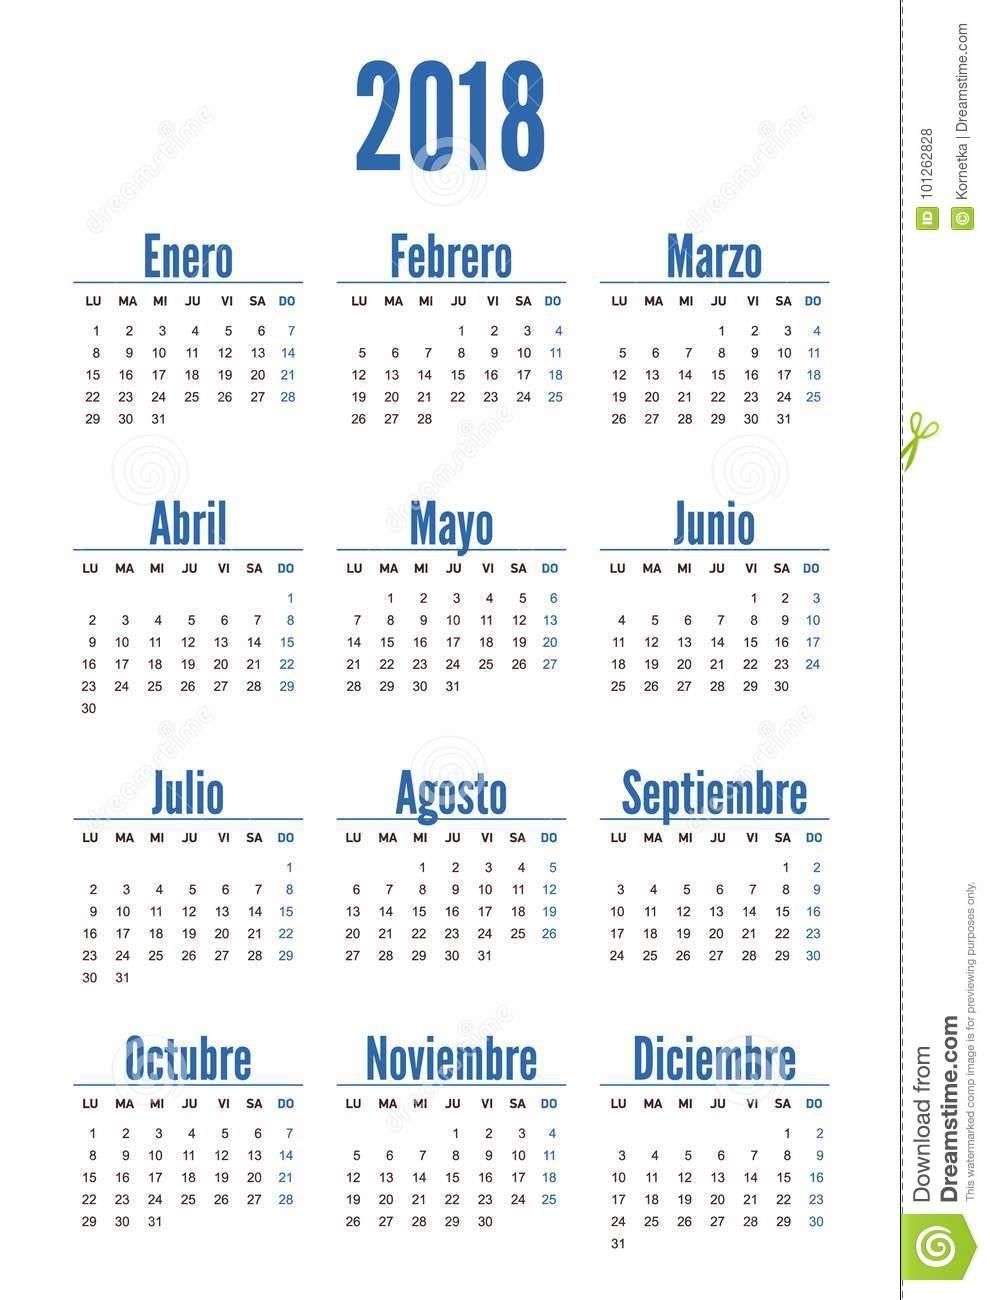 año vertical español del calendario image